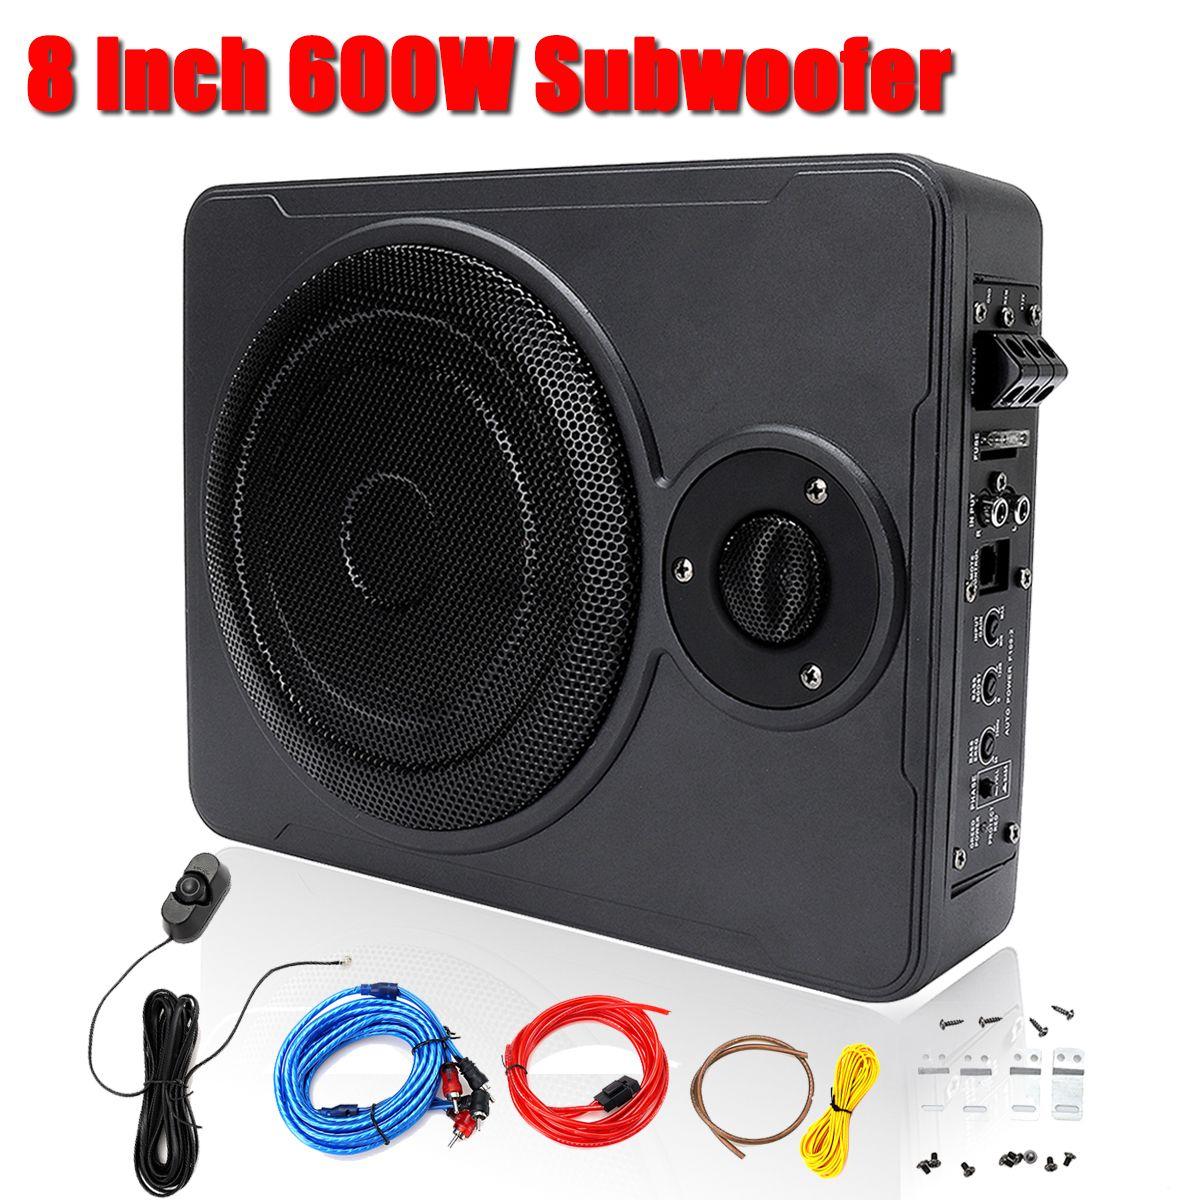 Neue 8 Zoll bluetooth Auto Hause Subwoofer Unter Sitz Unter 600 W Stereo Subwoofer Auto Audio Lautsprecher Musik System Sound woofer